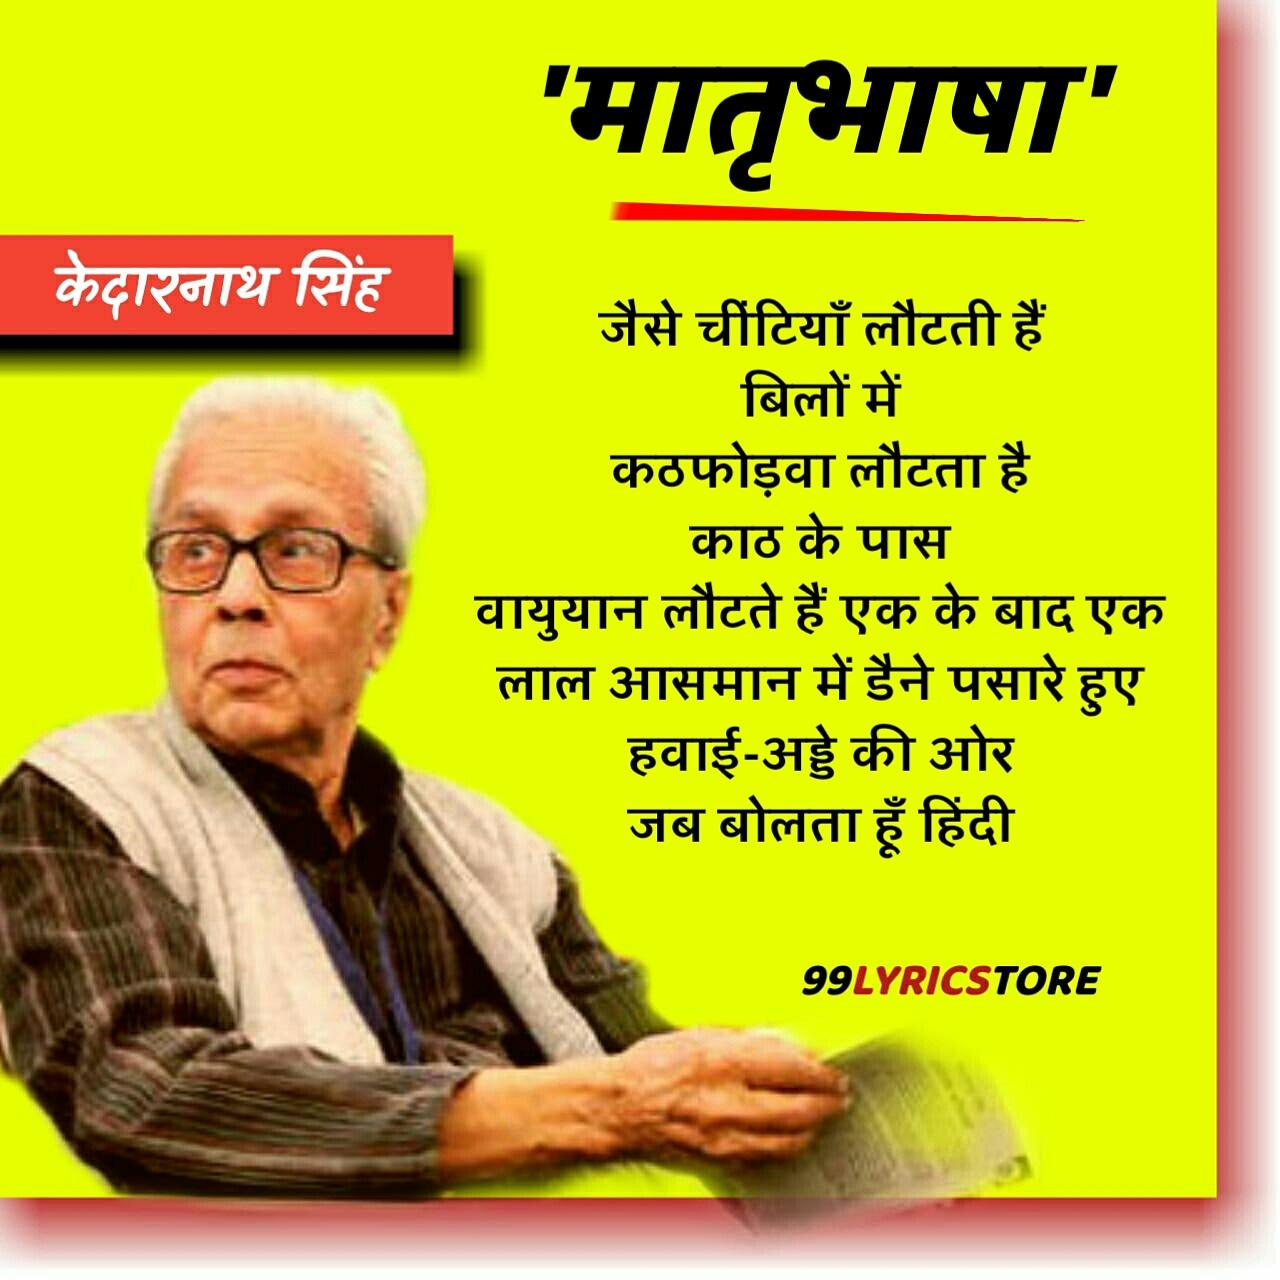 'मातृभाषा' कविता केदारनाथ सिंह जी द्वारा लिखी गई एक हिन्दी कविता है।